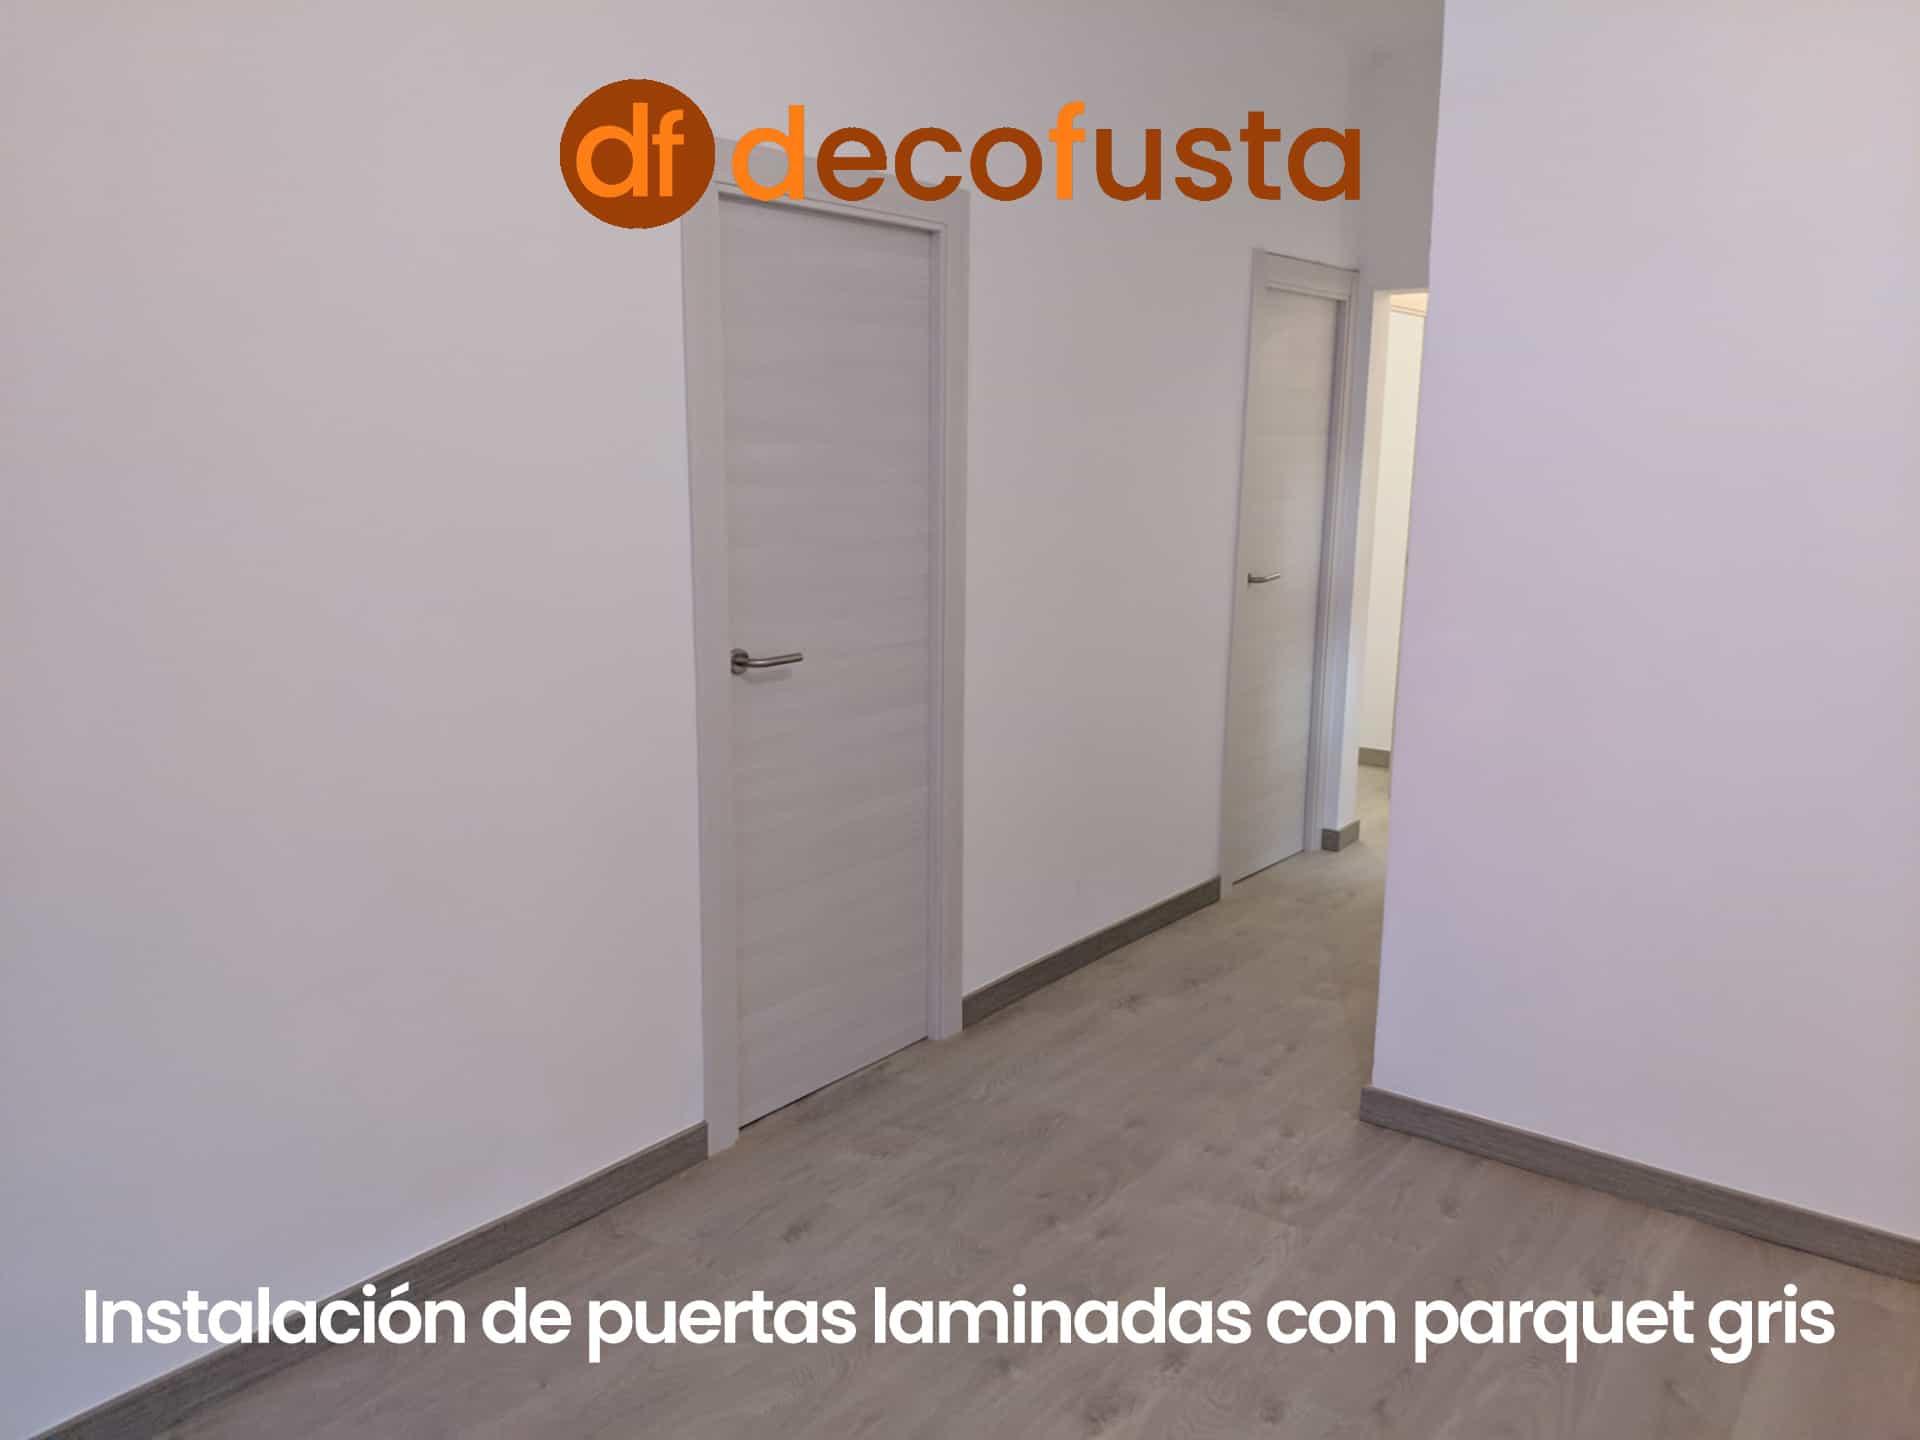 Instalación de puertas laminadas con parquet gris